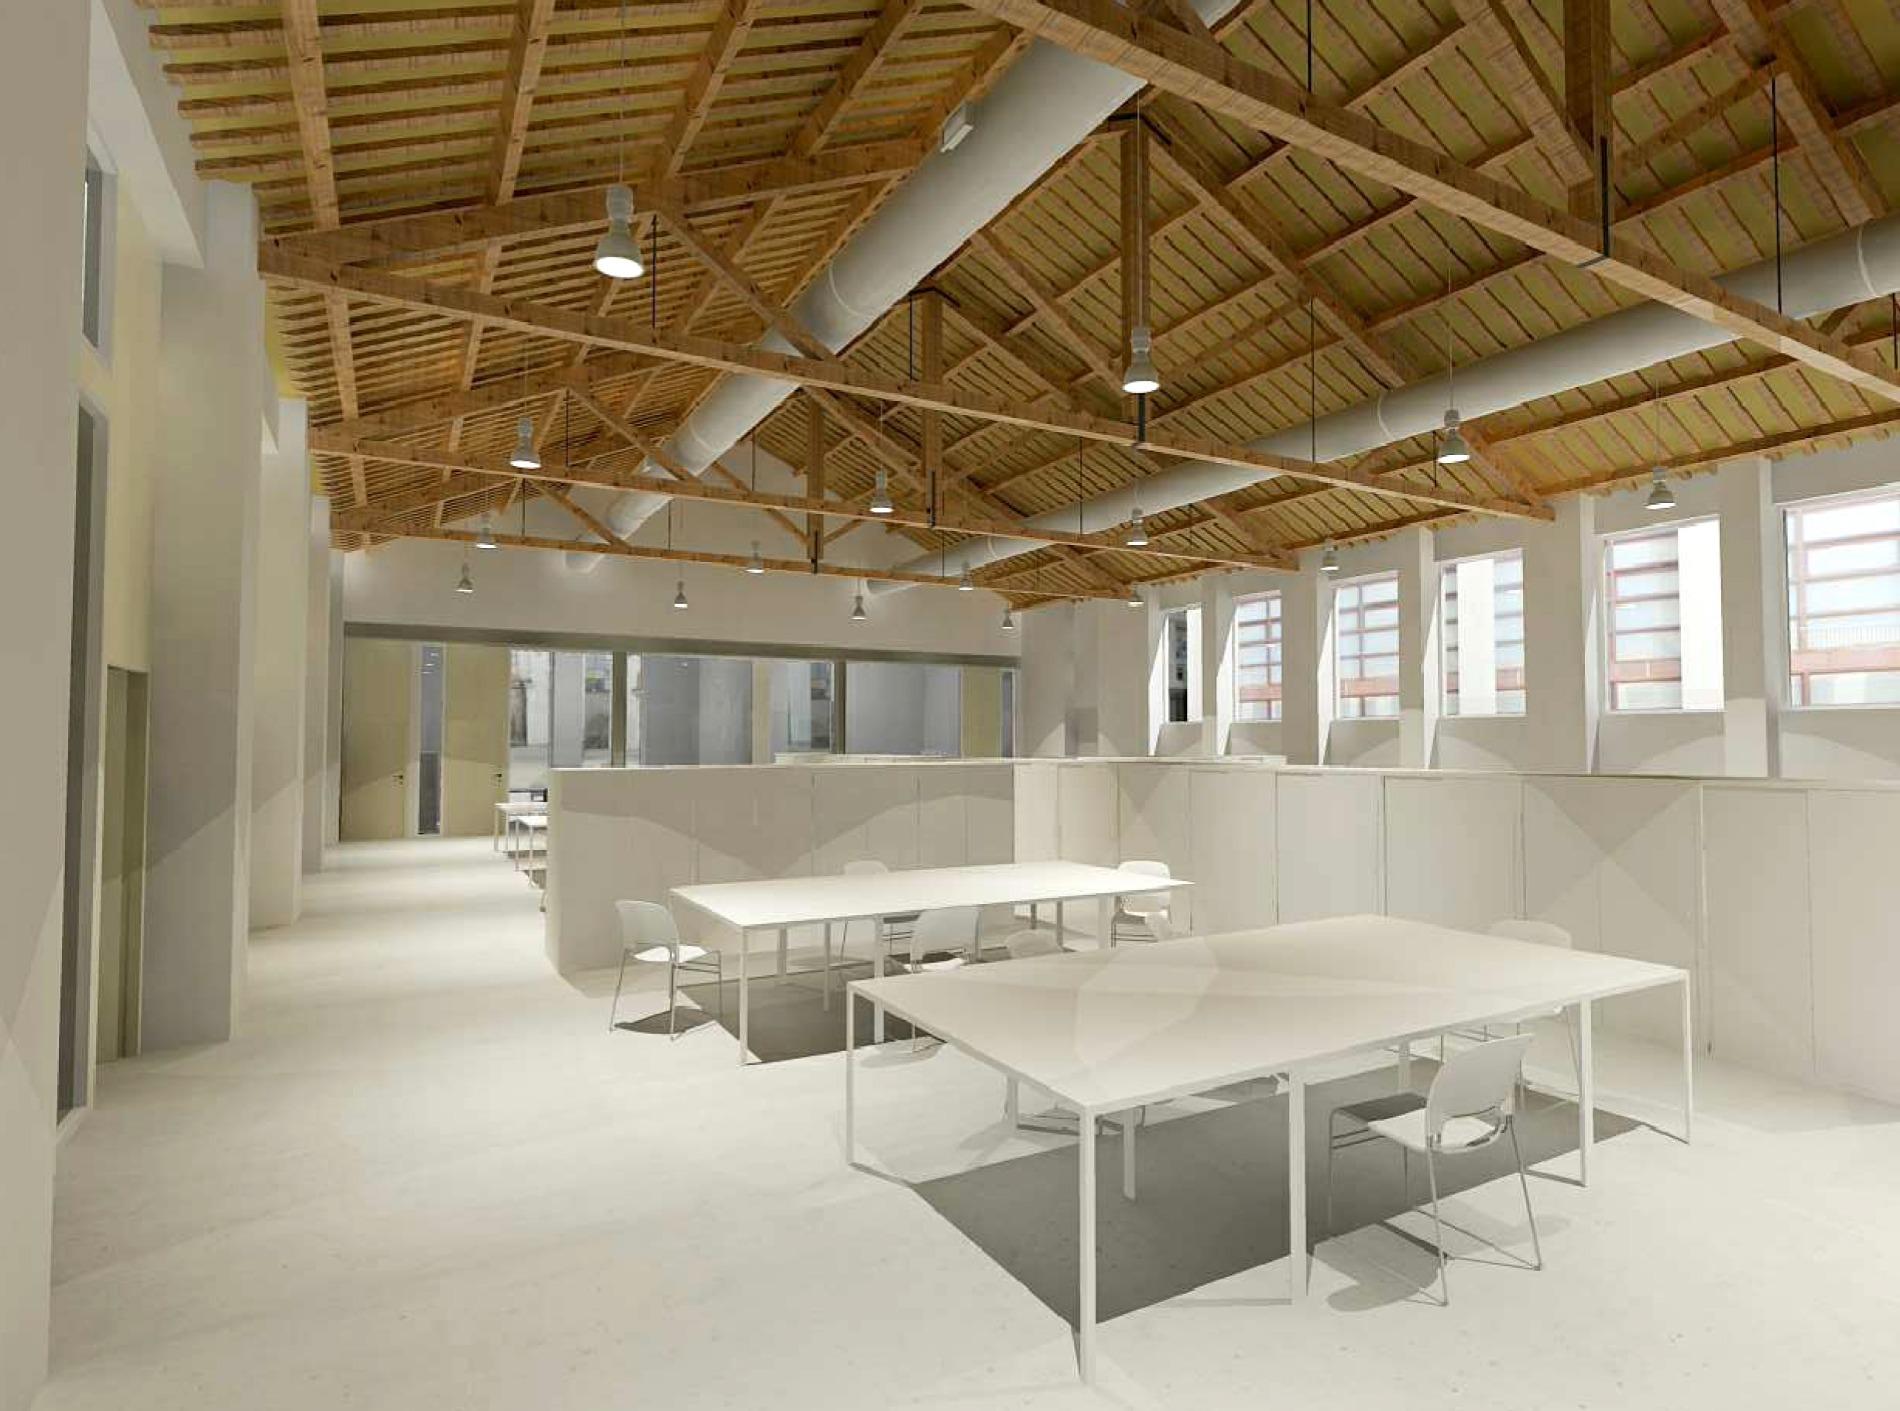 Una imatge virtual del centre de treball que s'instal·lara a la nau de les Encavallades de Roca Umbert